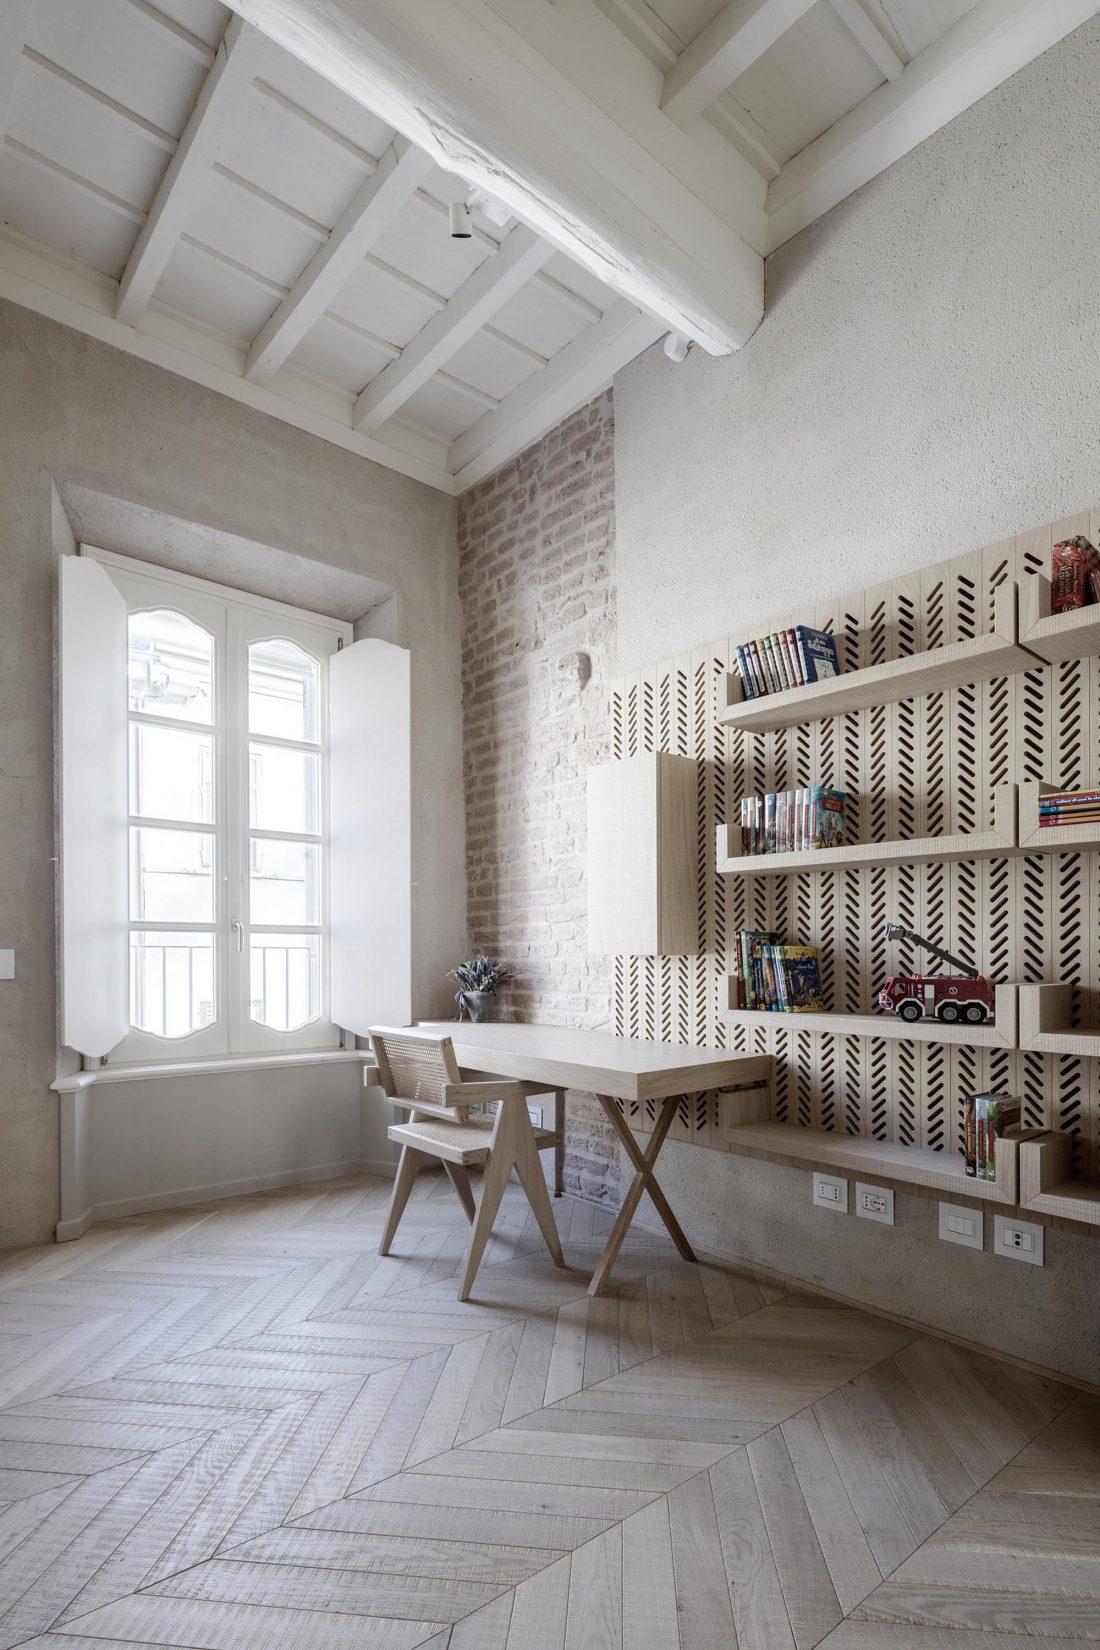 Интерьер квартиры в античном стиле в старинном доме в Италии 5